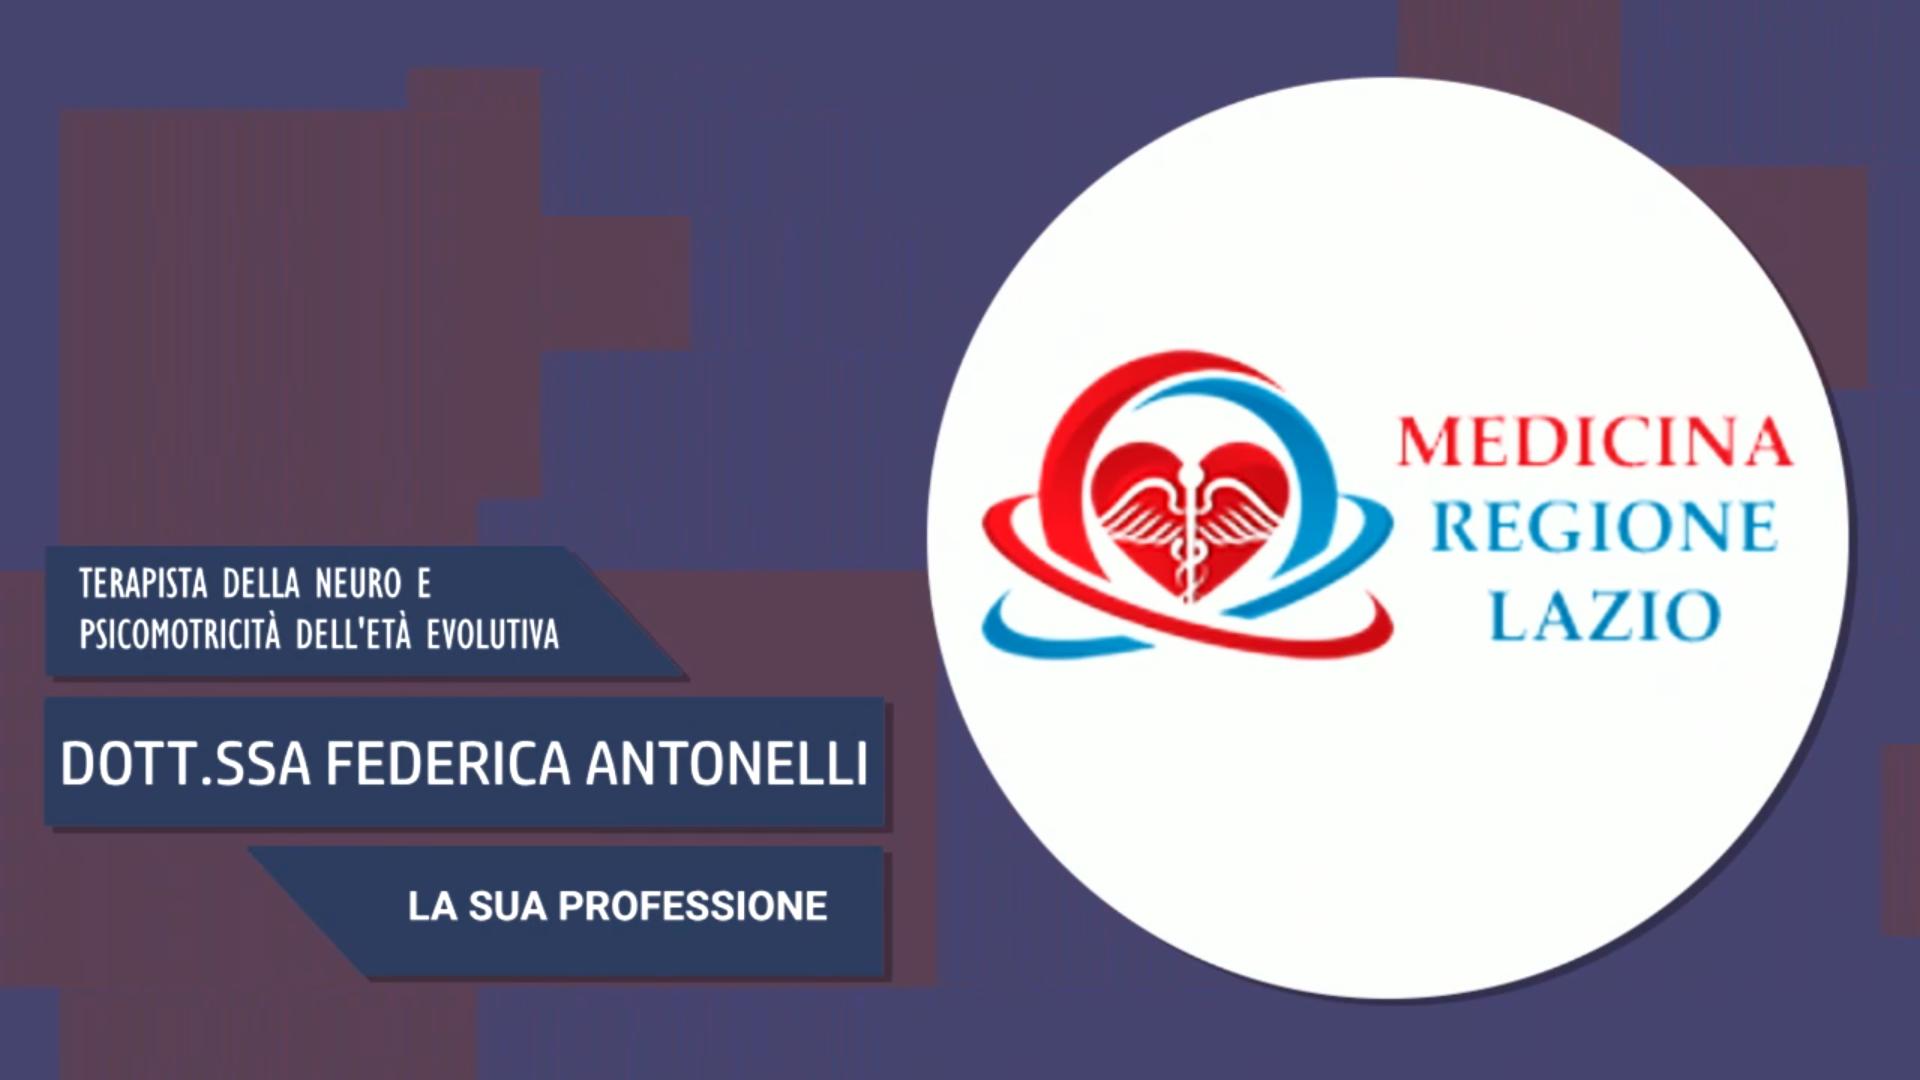 Intervista alla Dott.ssa Federica Antonelli – La sua professione